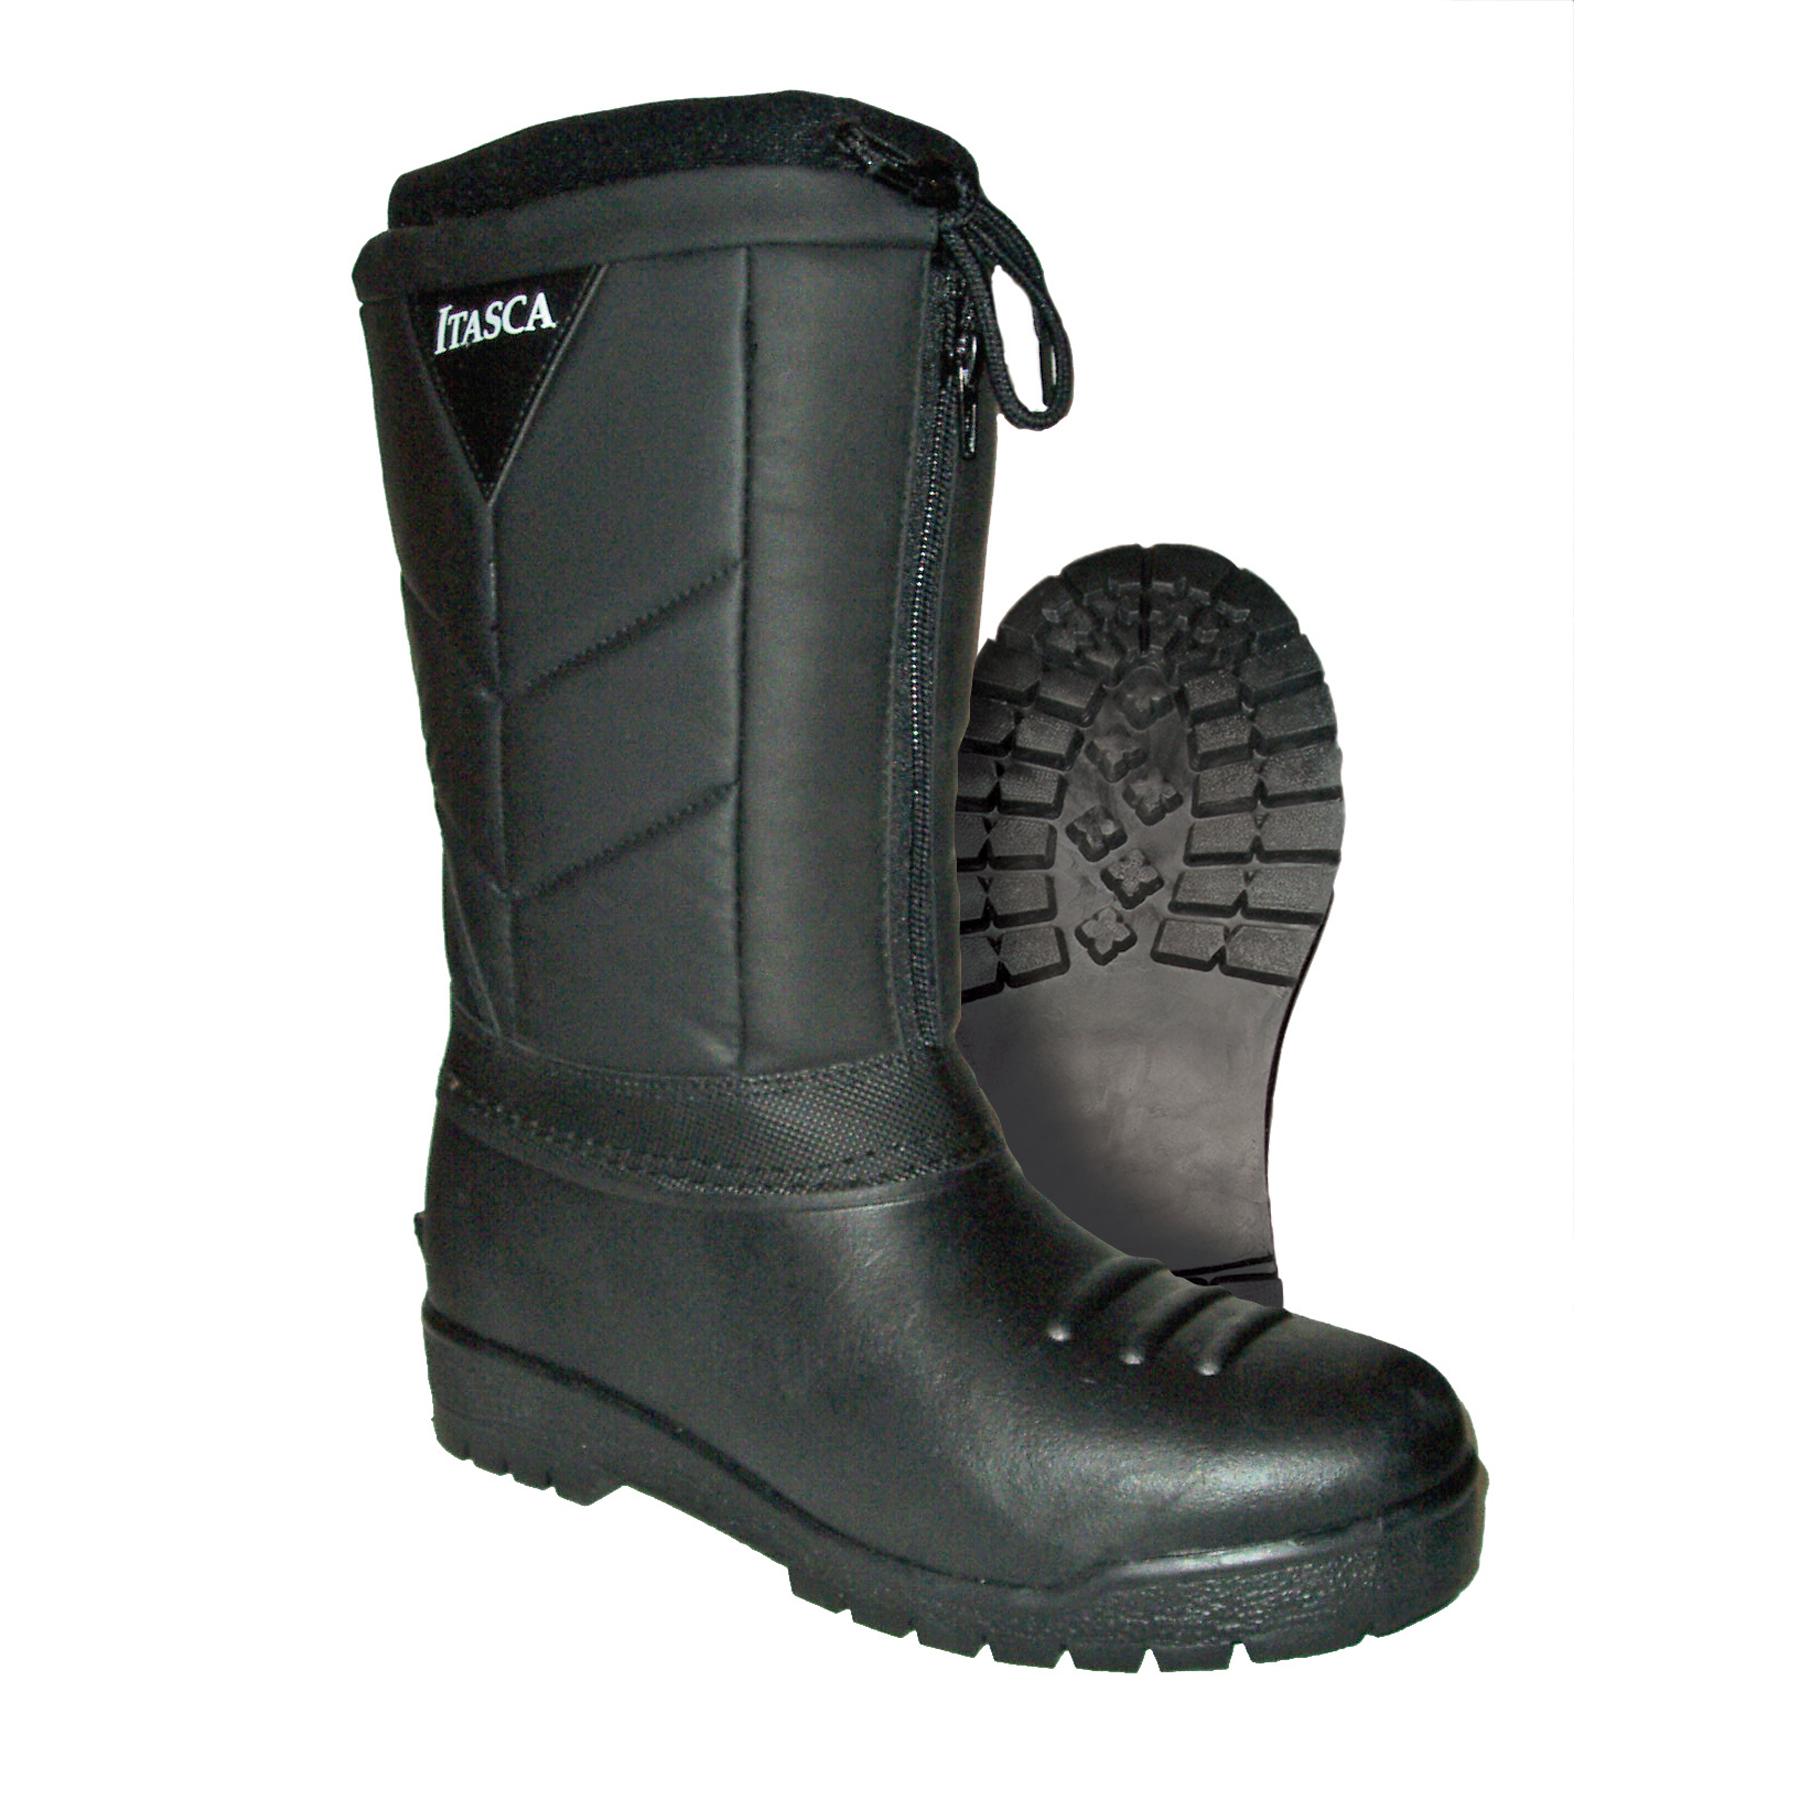 Itasca Men's Benchwarmer Boot Black